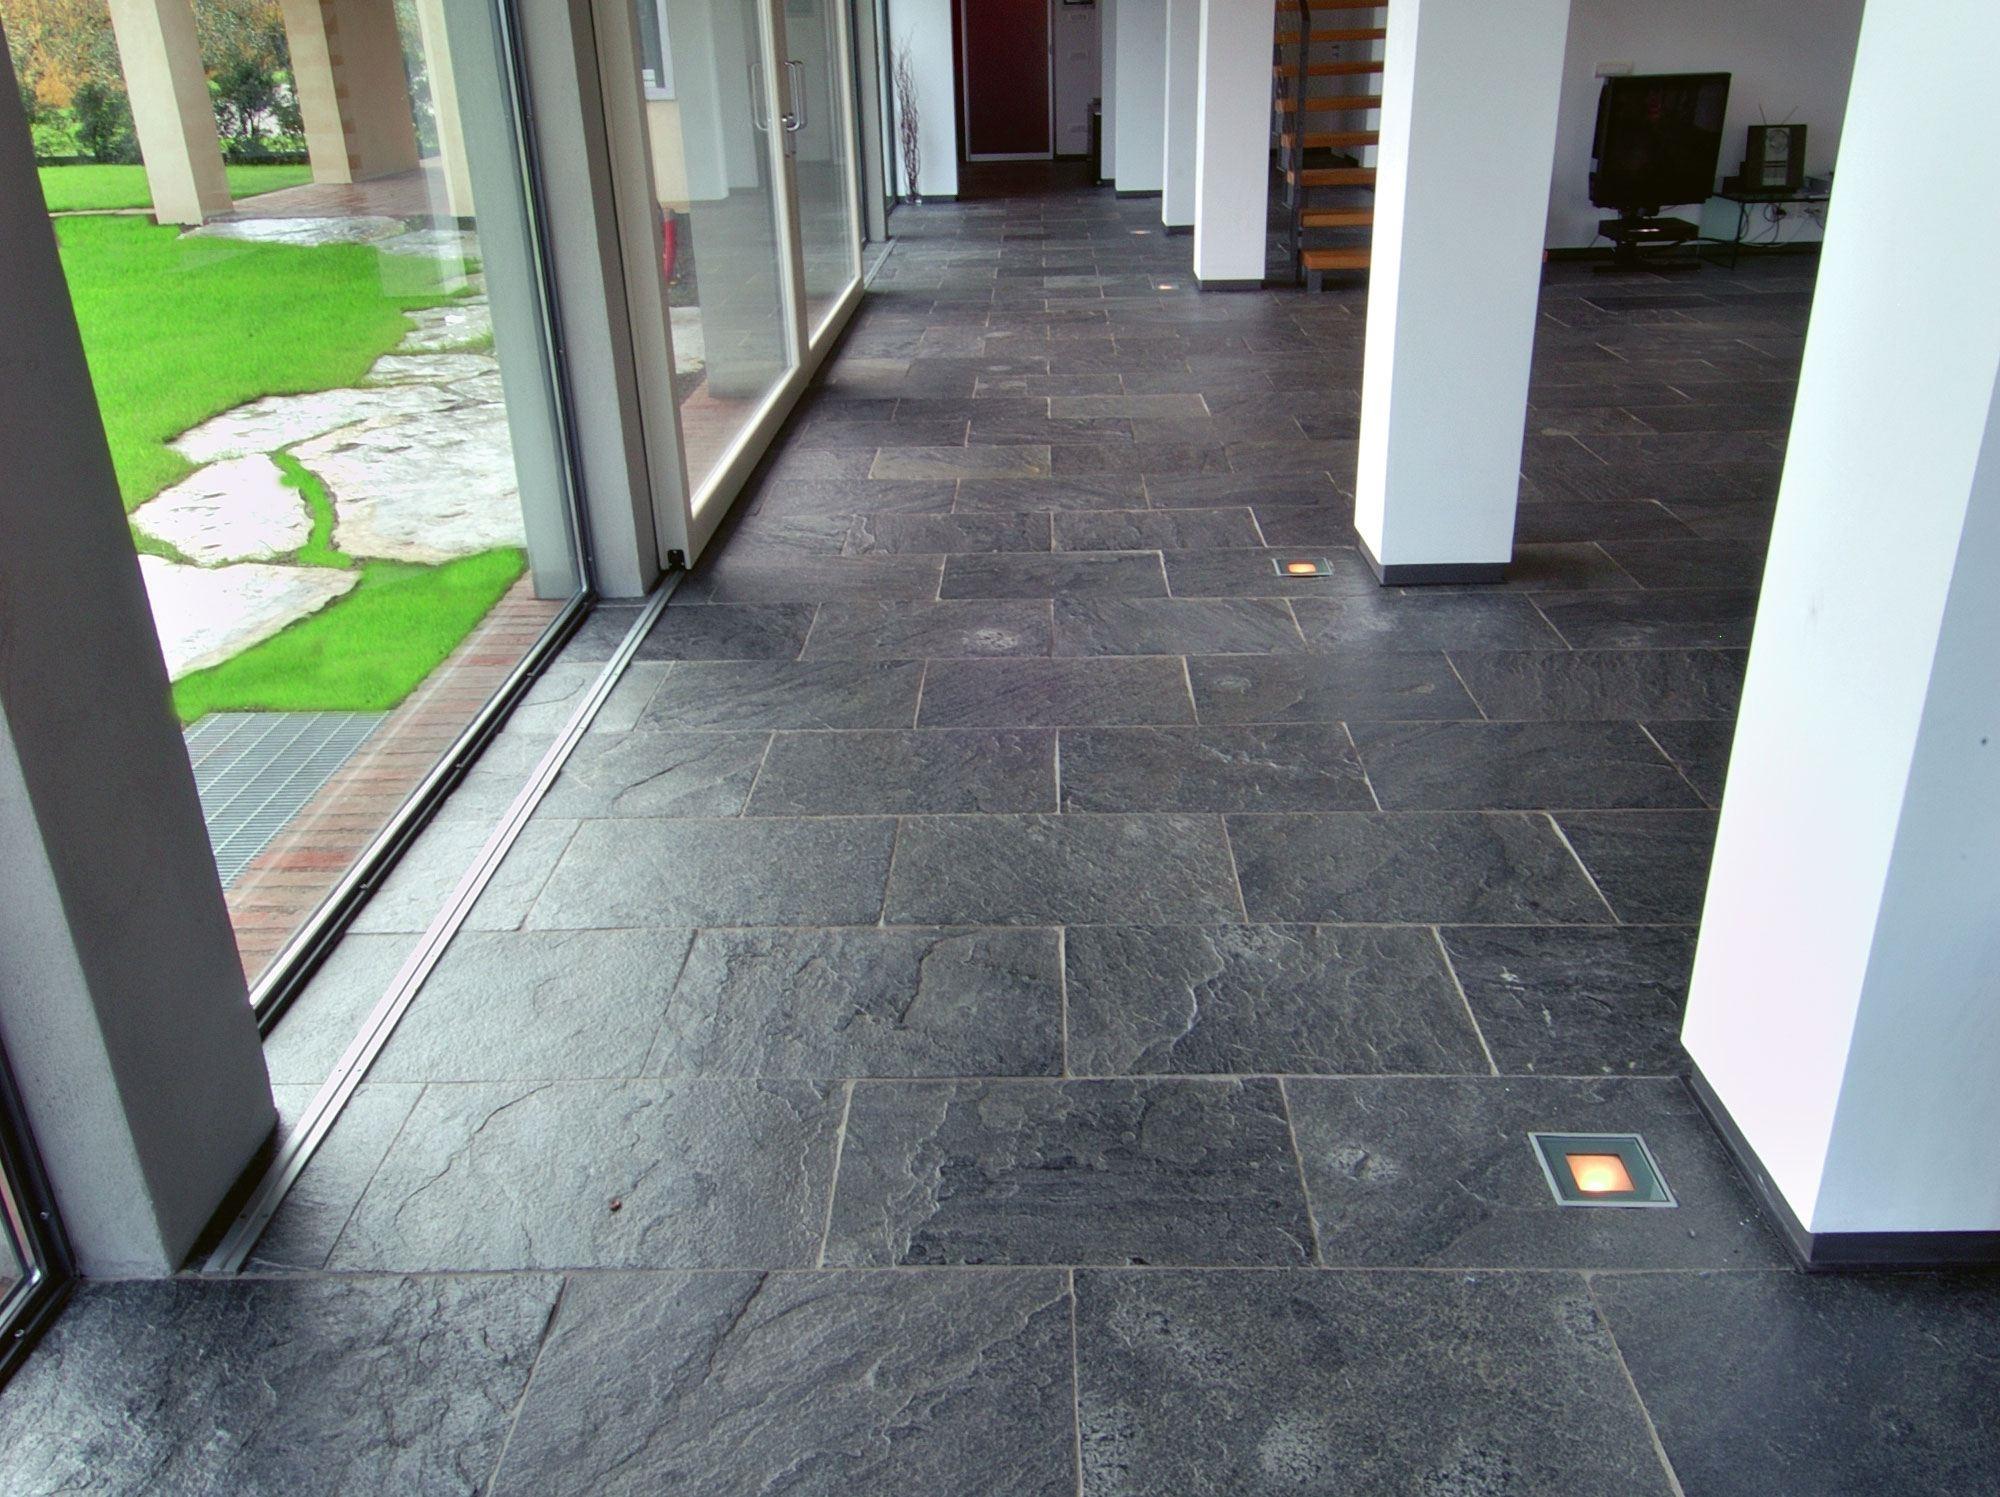 Pavimento in pietra pavimenti per esterno - Pavimenti in pietra per esterno ...